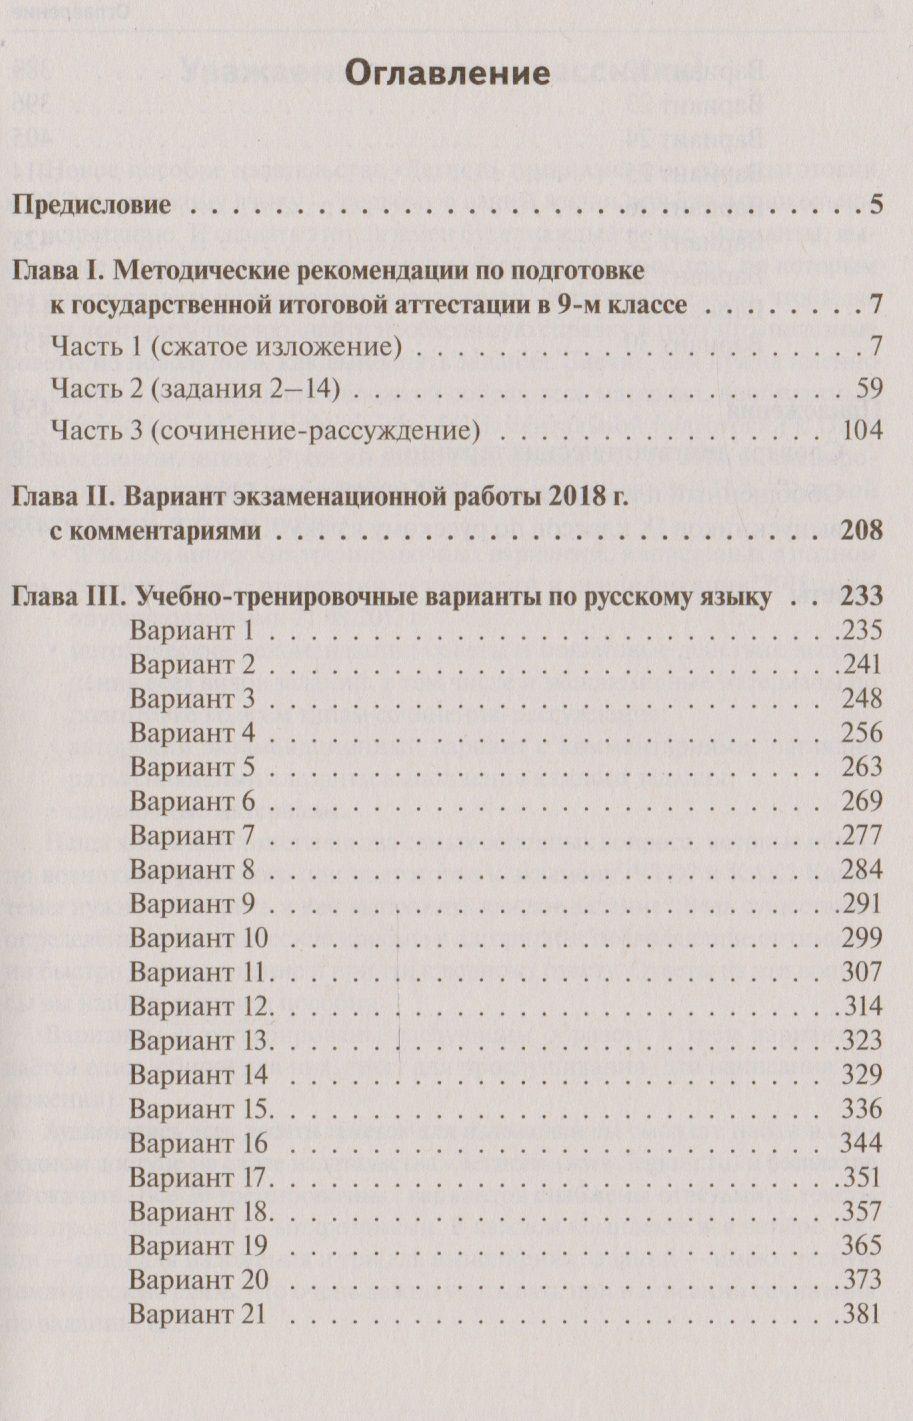 Гдз по гиа за 9 класс 2018 лысенко